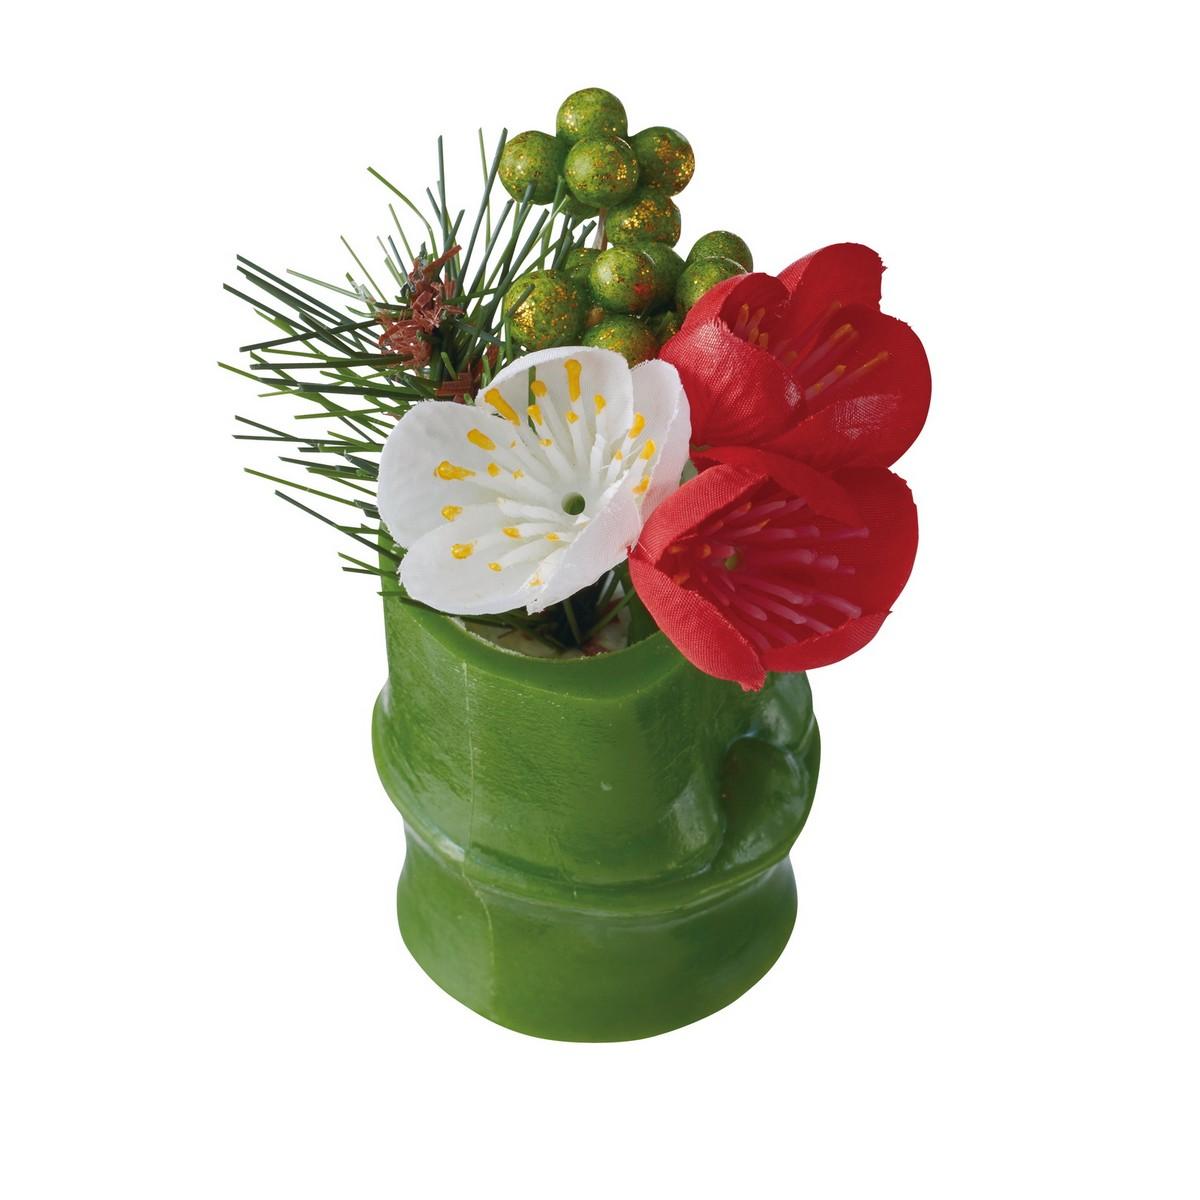 【造花】YDM/ミニ竹アレンジポット梅 レッドホワイト/FS -5213-R/W【01】【取寄】《 造花(アーティフィシャルフラワー) 造花ギフト フラワーアレンジ 》